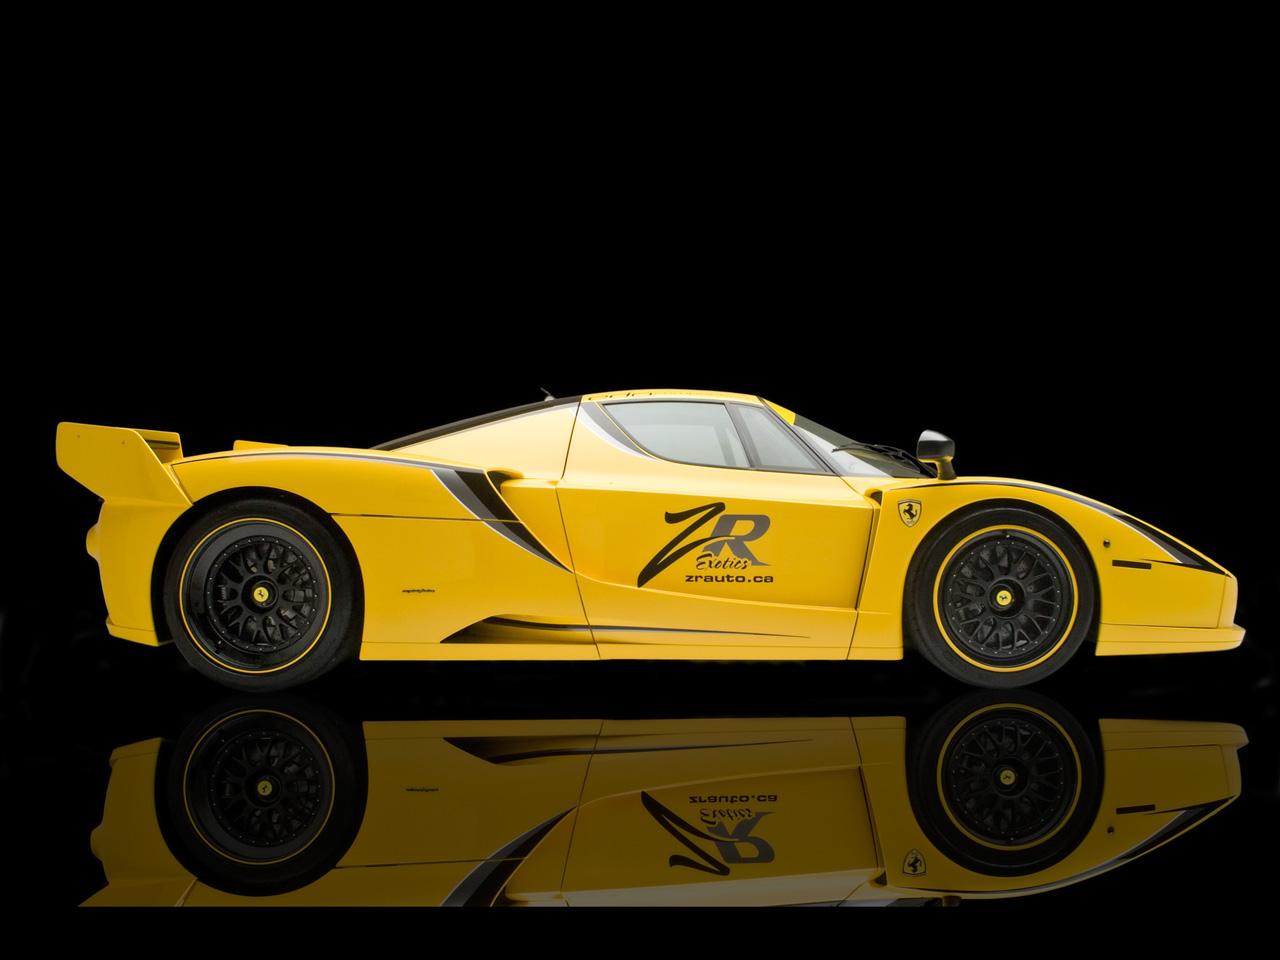 http://4.bp.blogspot.com/-Dds4FrtlExY/TcT_Vi1T3ZI/AAAAAAAACKc/fQFb4SLMVzo/s1600/2010-Edo-Competition-Ferrari-Enzo-XX-Evolution-Side-Pictures.jpg